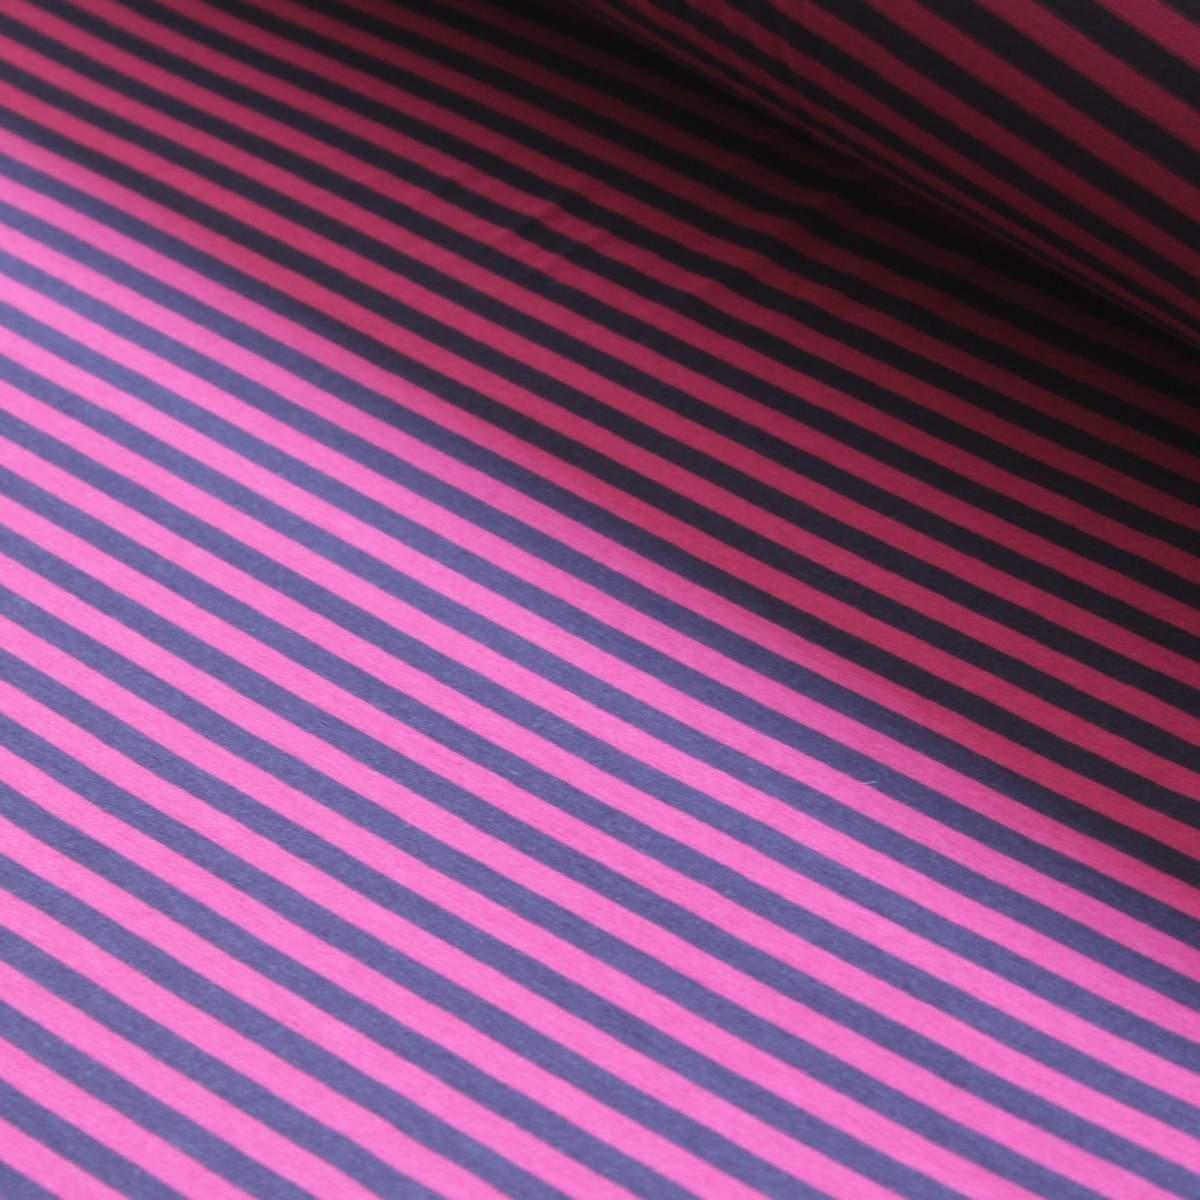 biojersey-streifen-dunkelblau-violett-66